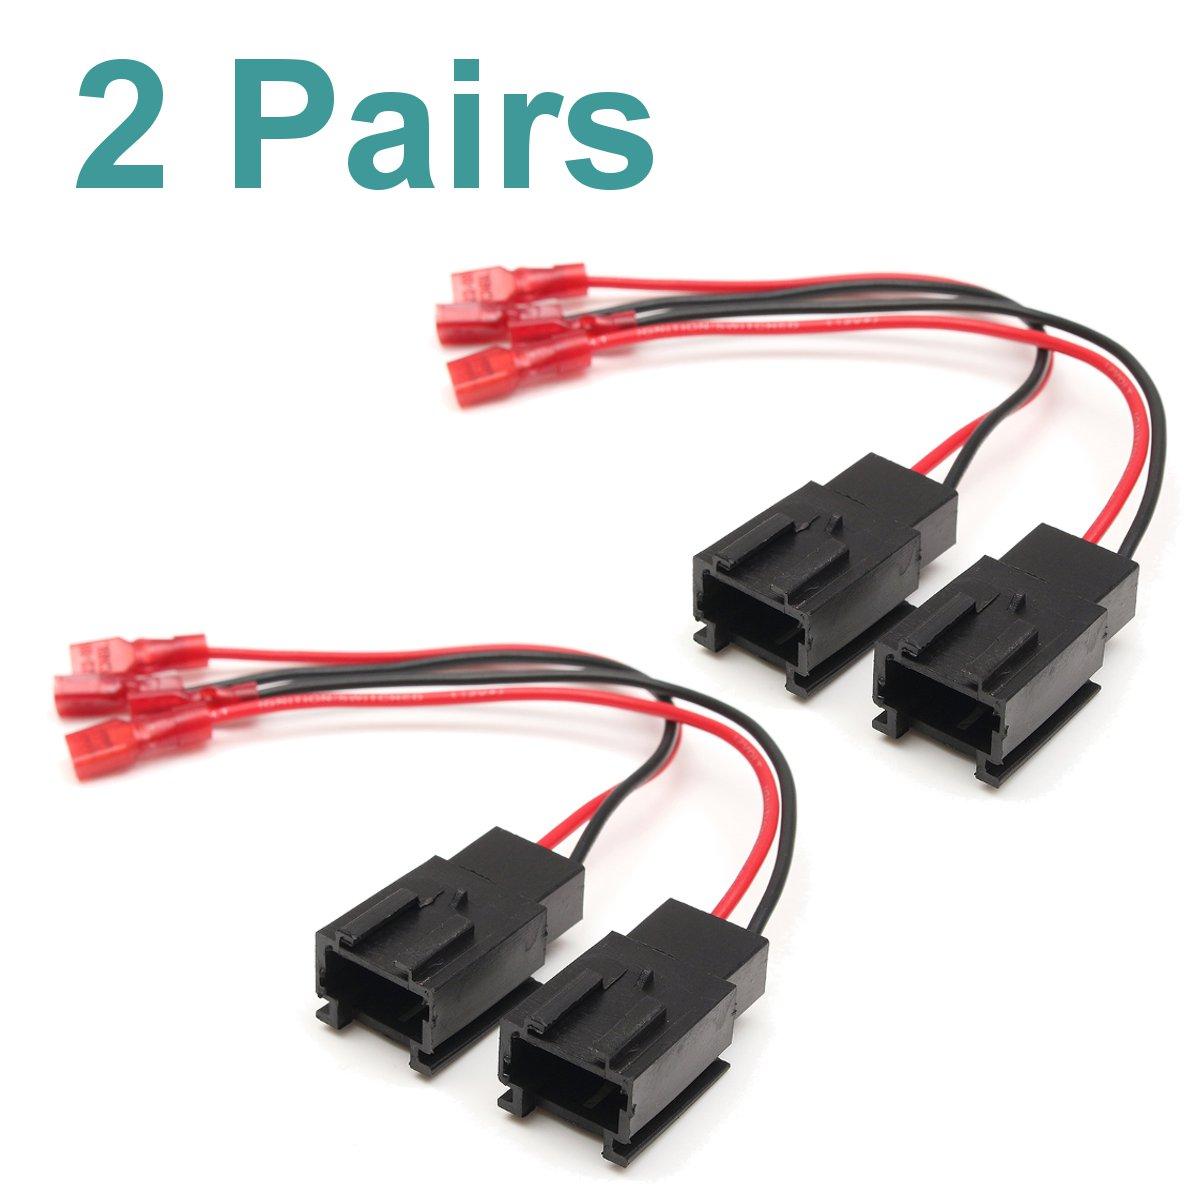 Betrouwbaar 1 Paar/2 Pairs Speaker Adapter Plug Connectors Draad Auto Speaker Adapter Draad Voor Peugeot 206 Voor Citroen C2 1999-2015 Pc2-821 Modieuze En Aantrekkelijke Pakketten